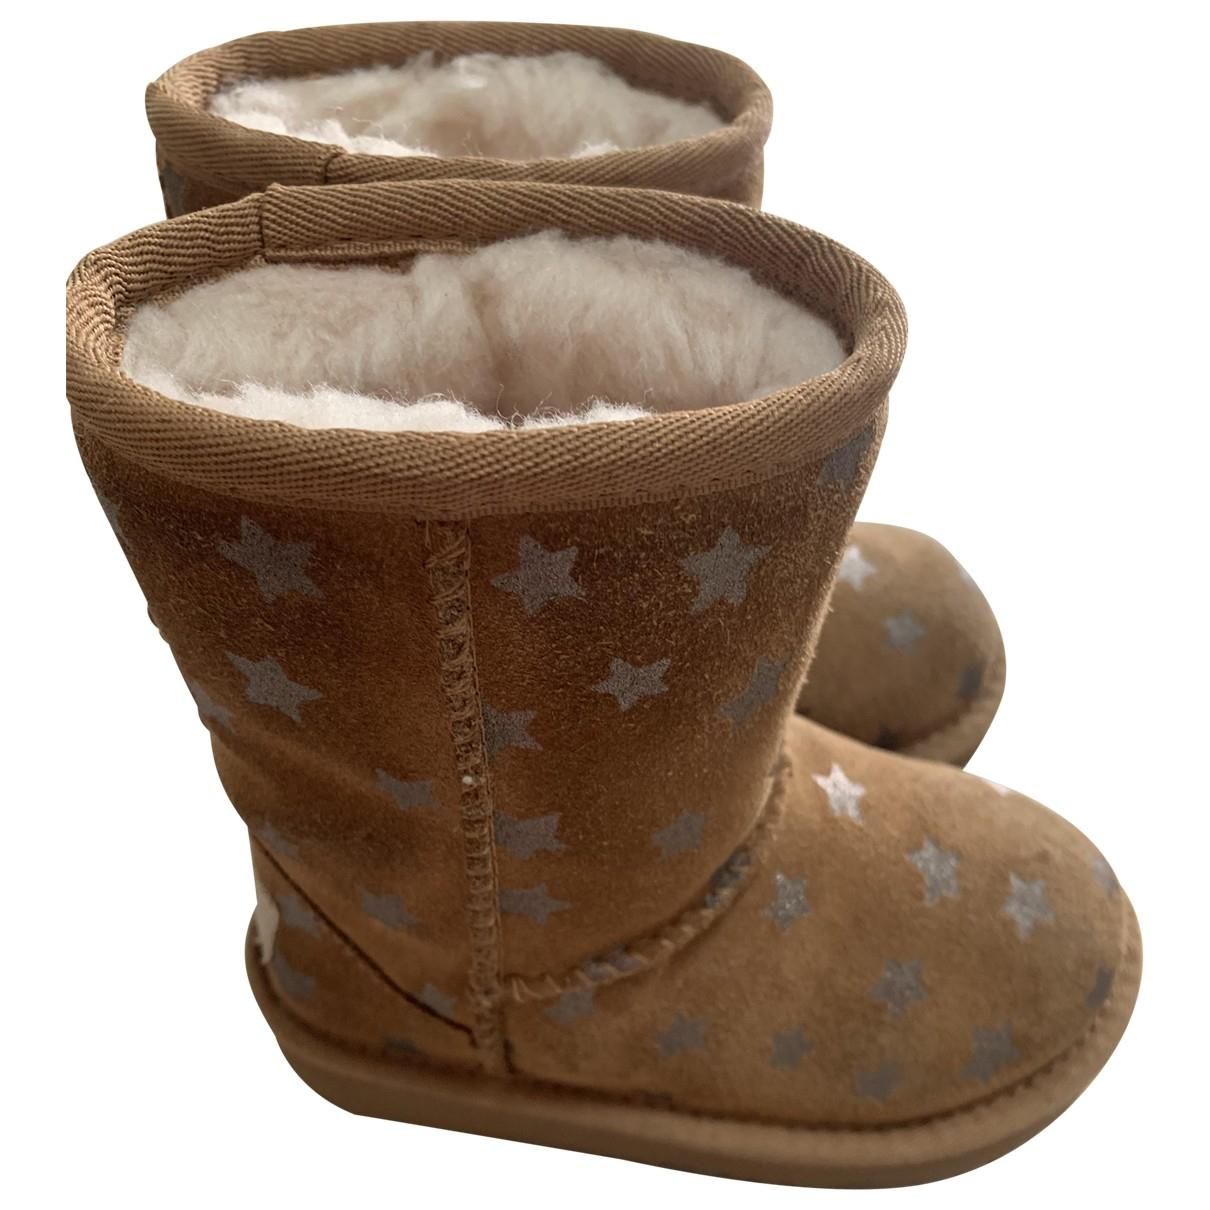 Ugg N Camel Suede Boots for Kids 7 UK